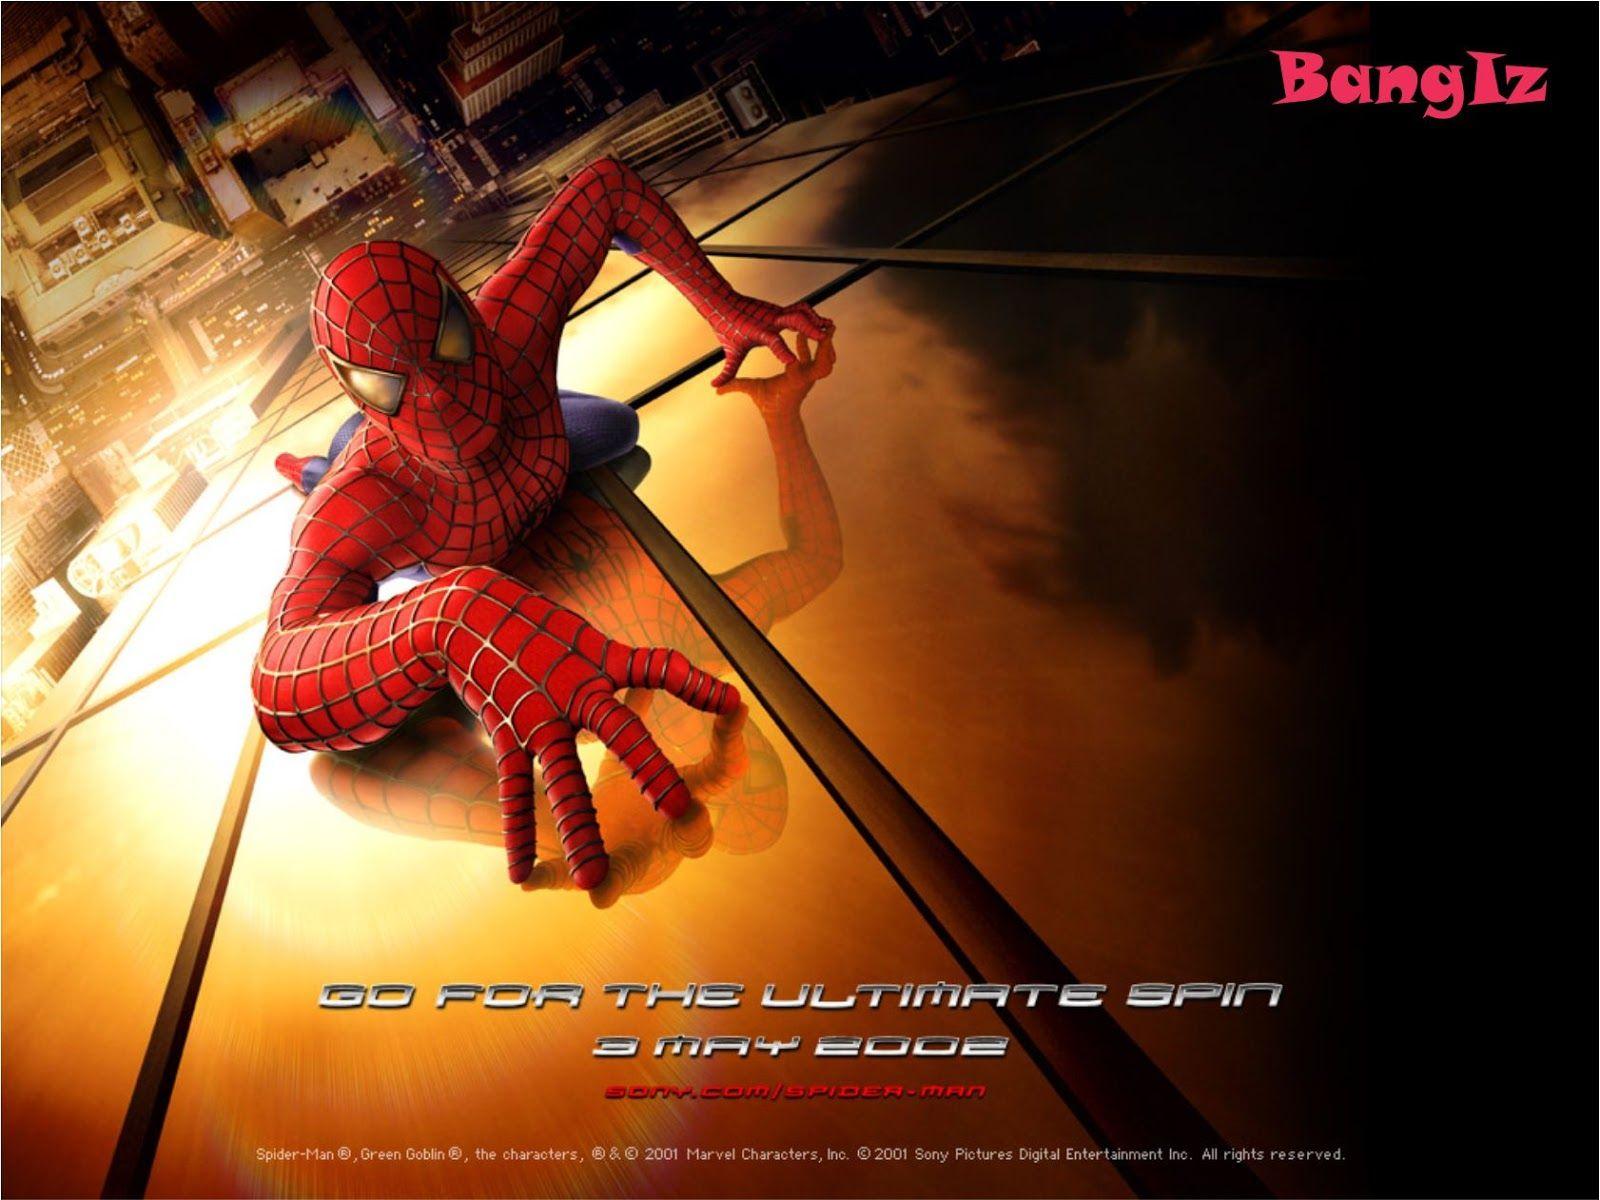 Wallpaper Film Bagus Dan Keren Terbaru Bangiz Spiderman